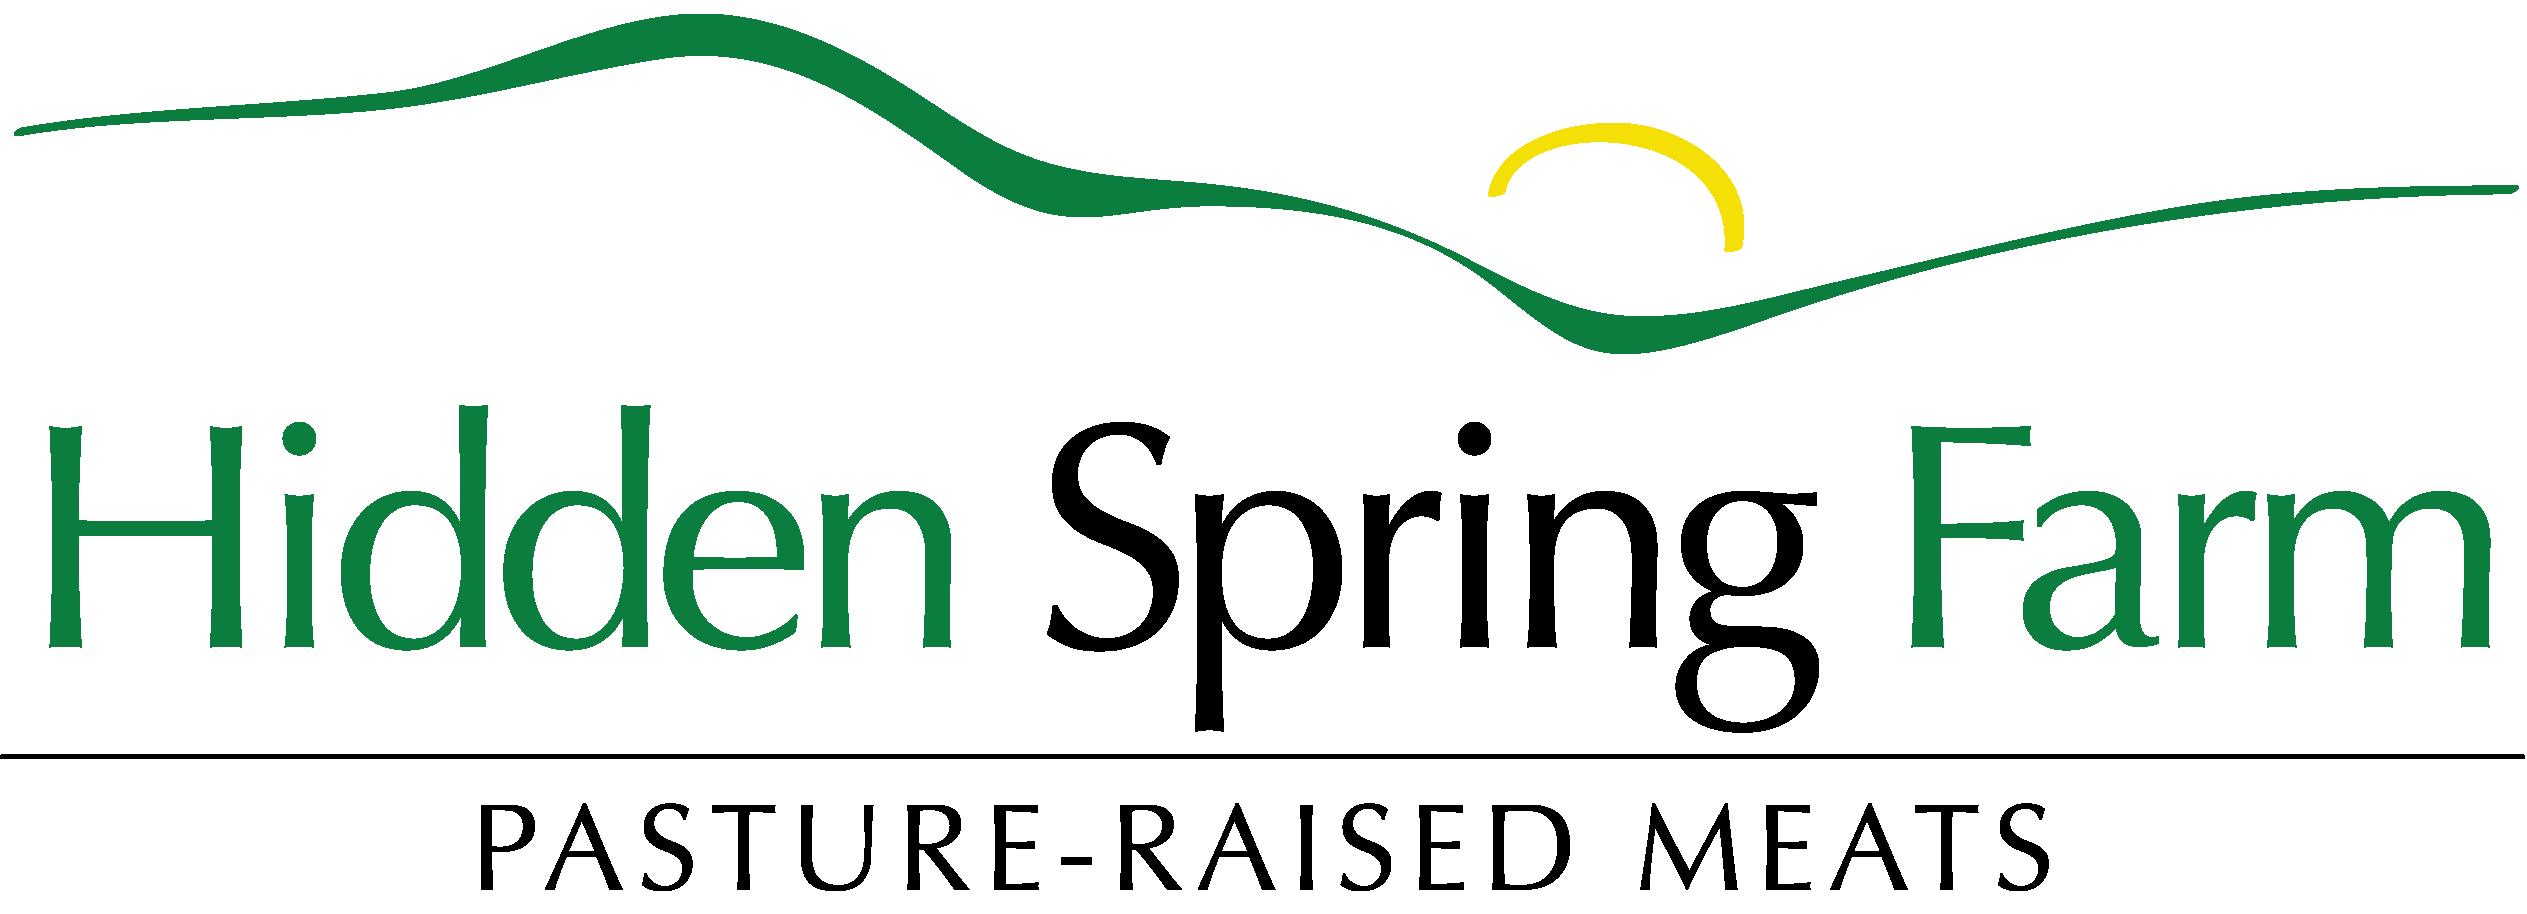 Hidden Spring Farm Logo